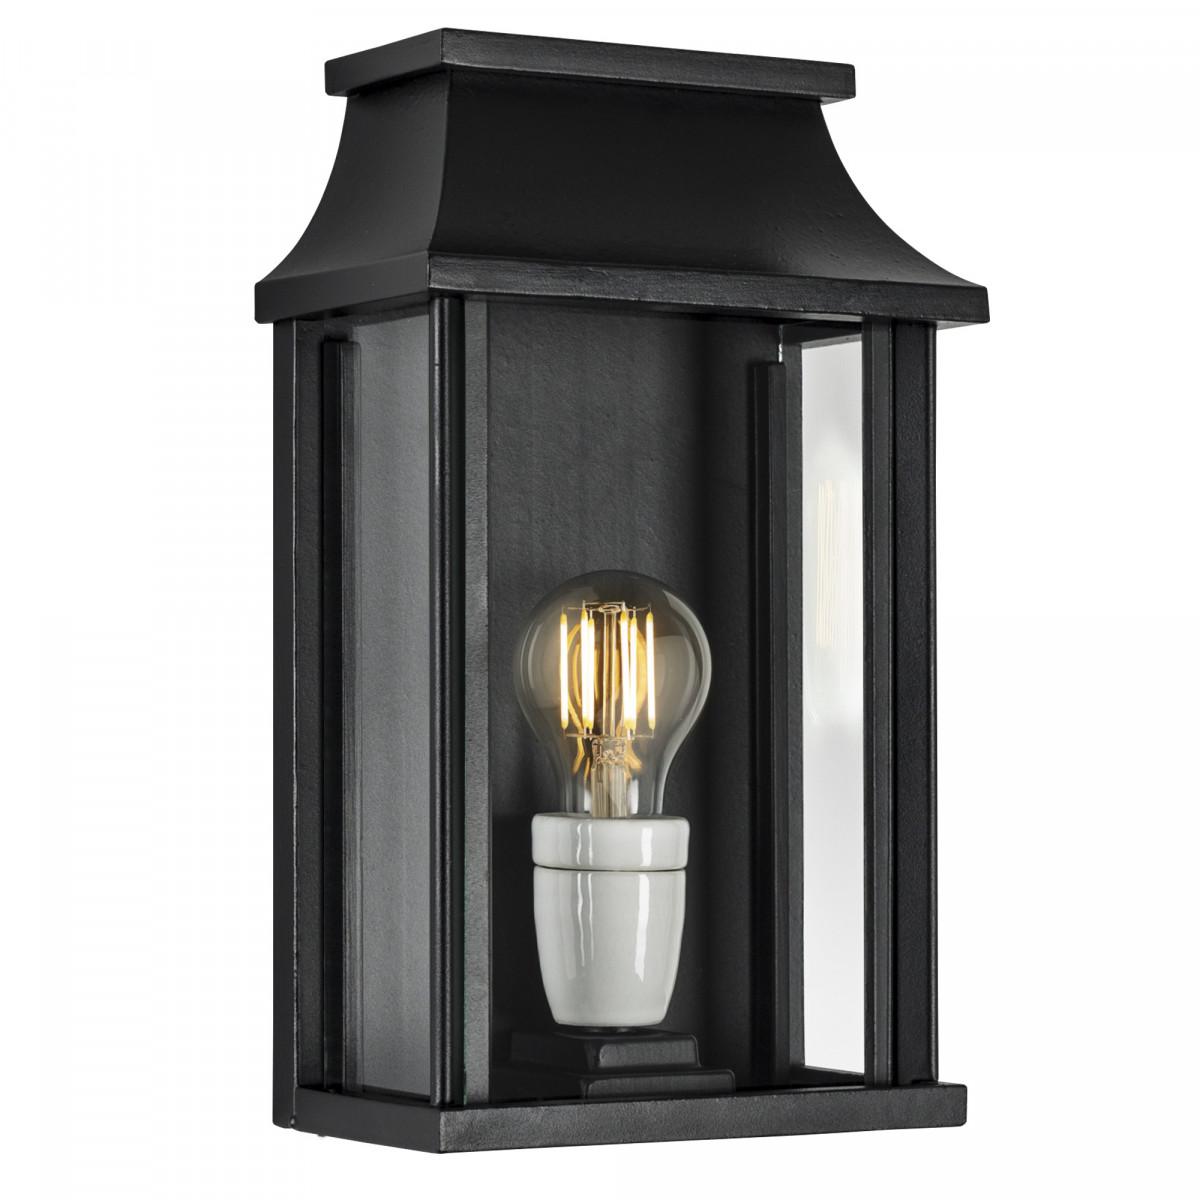 zwarte buitenlamp met vlakke achterzijde, stijlvol klassiek vormgegeven hoogwaardige kwaliteit met de handgemaakte wandlamp